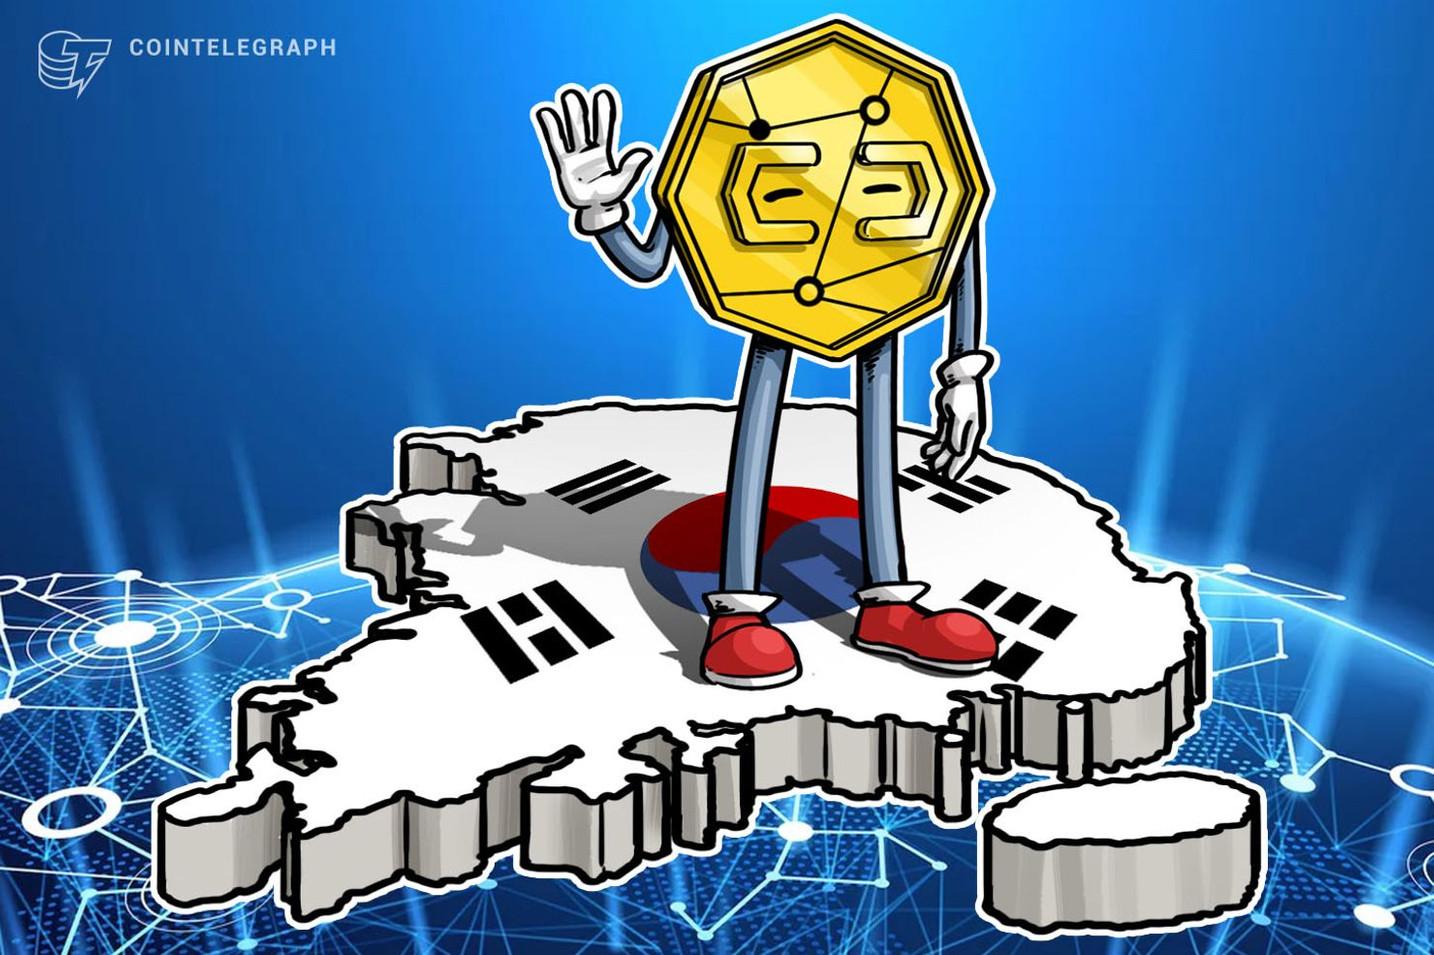 強気相場は間近? 韓国の仮想通貨取引所が復活傾向